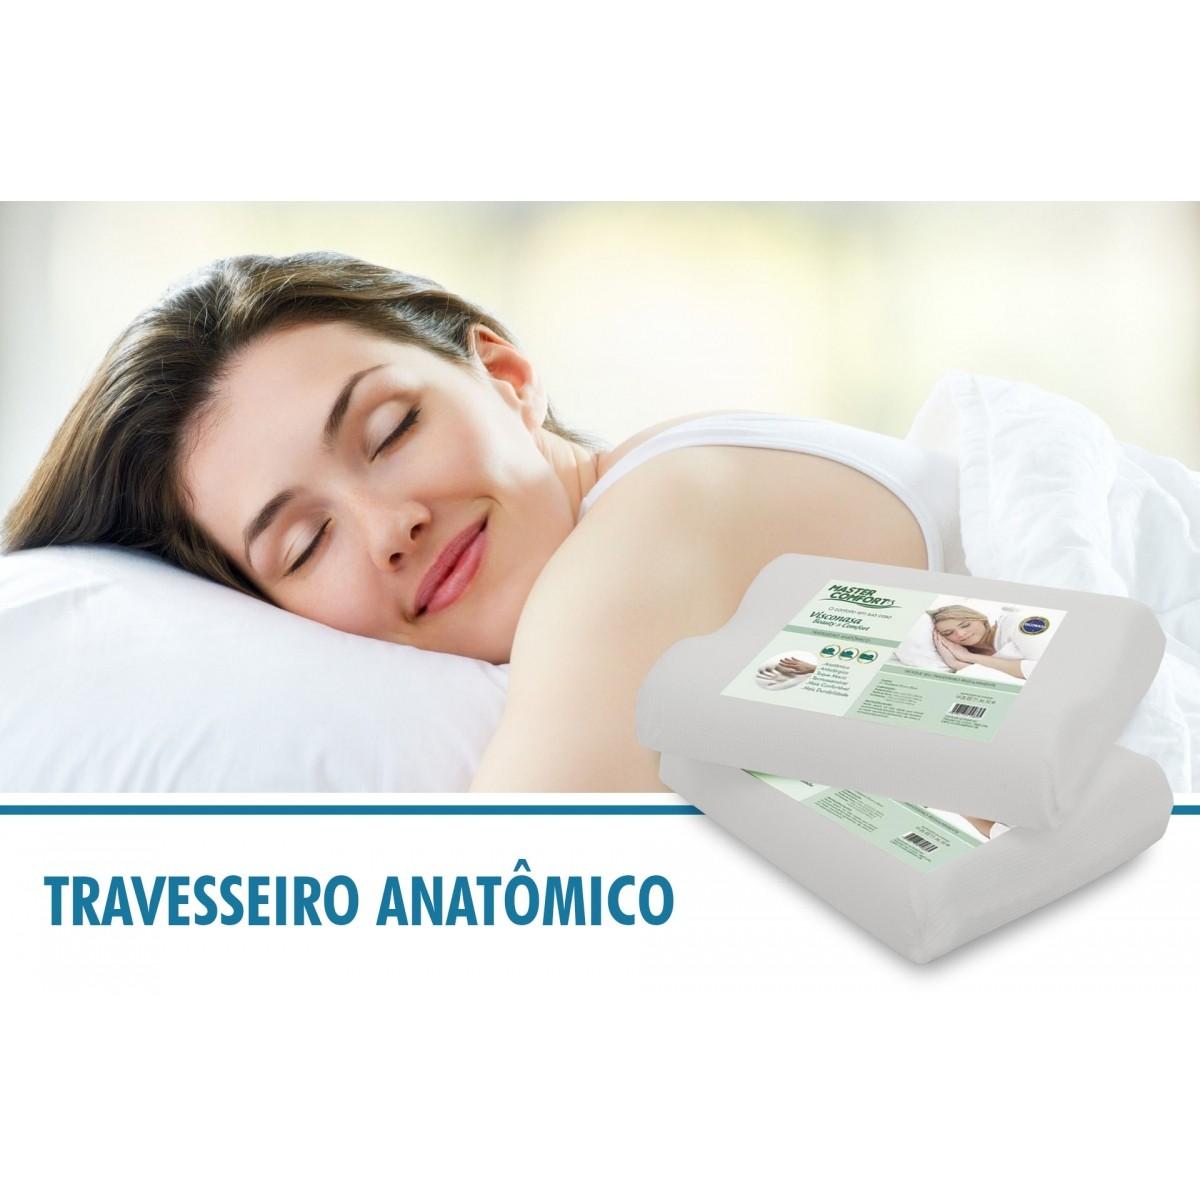 Kit 4 Travesseiros Anatômico Nasa Antialérgico